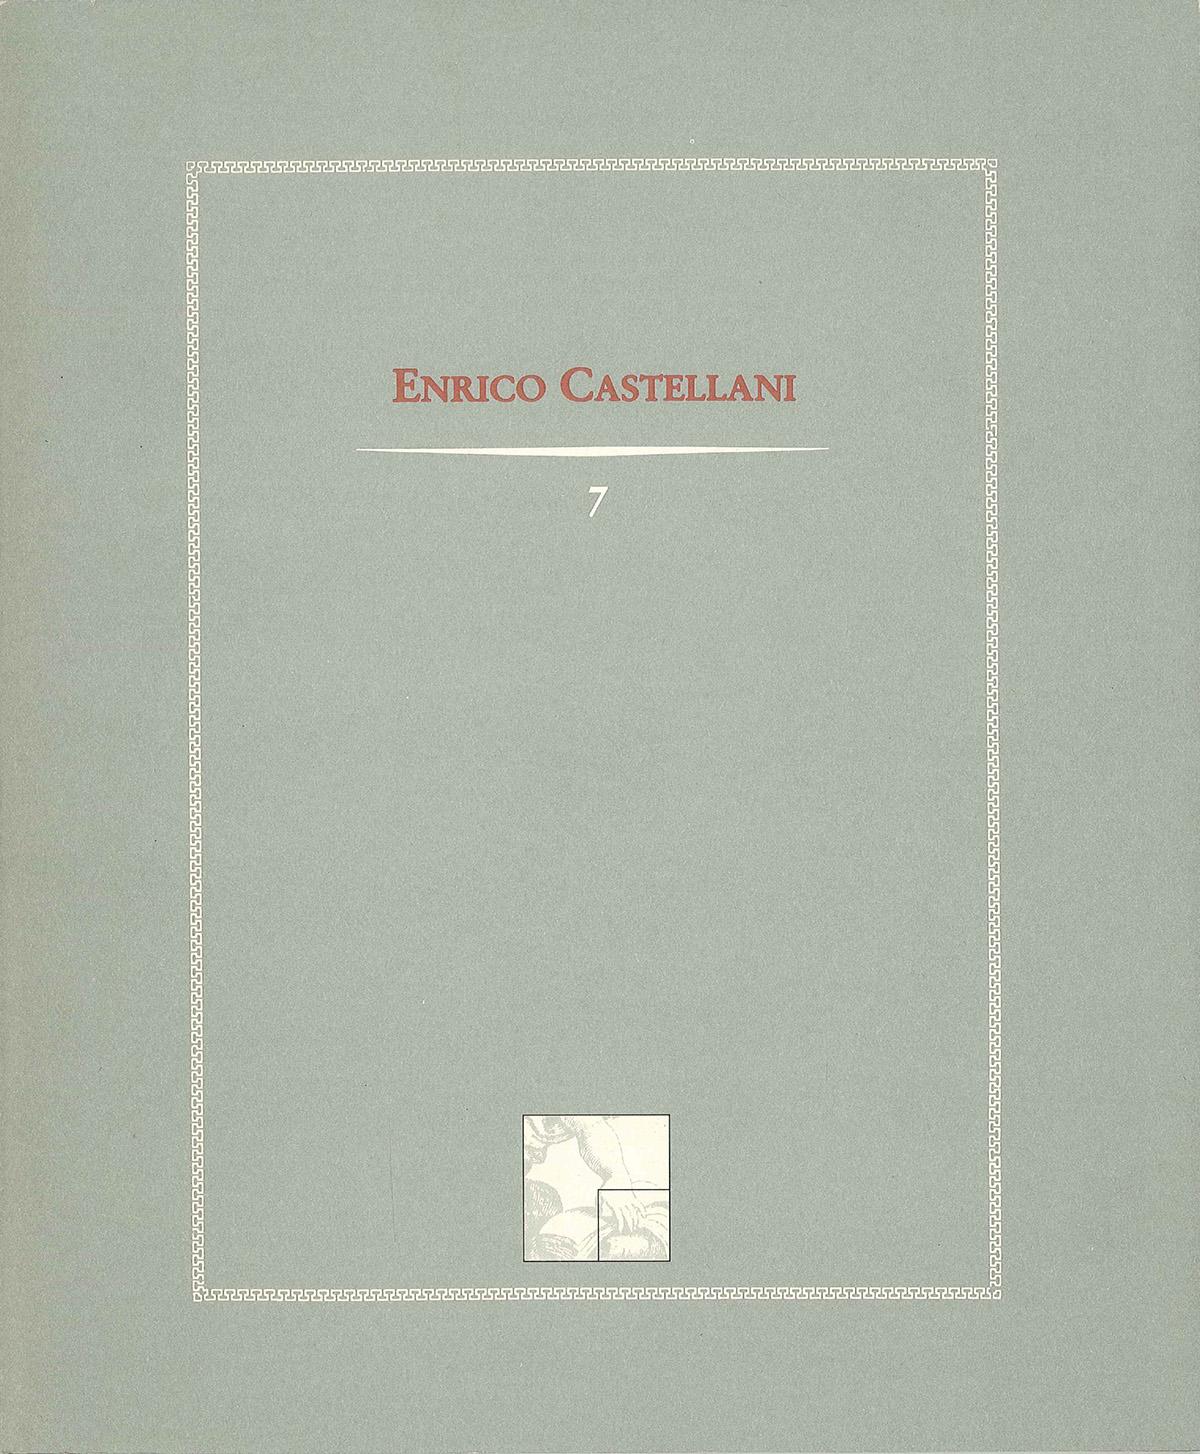 Cover - Enrico Castellani, Gillo Dorfles, Adachiara Zevi, 1991, Edizioni Netta Vespignani, Roma